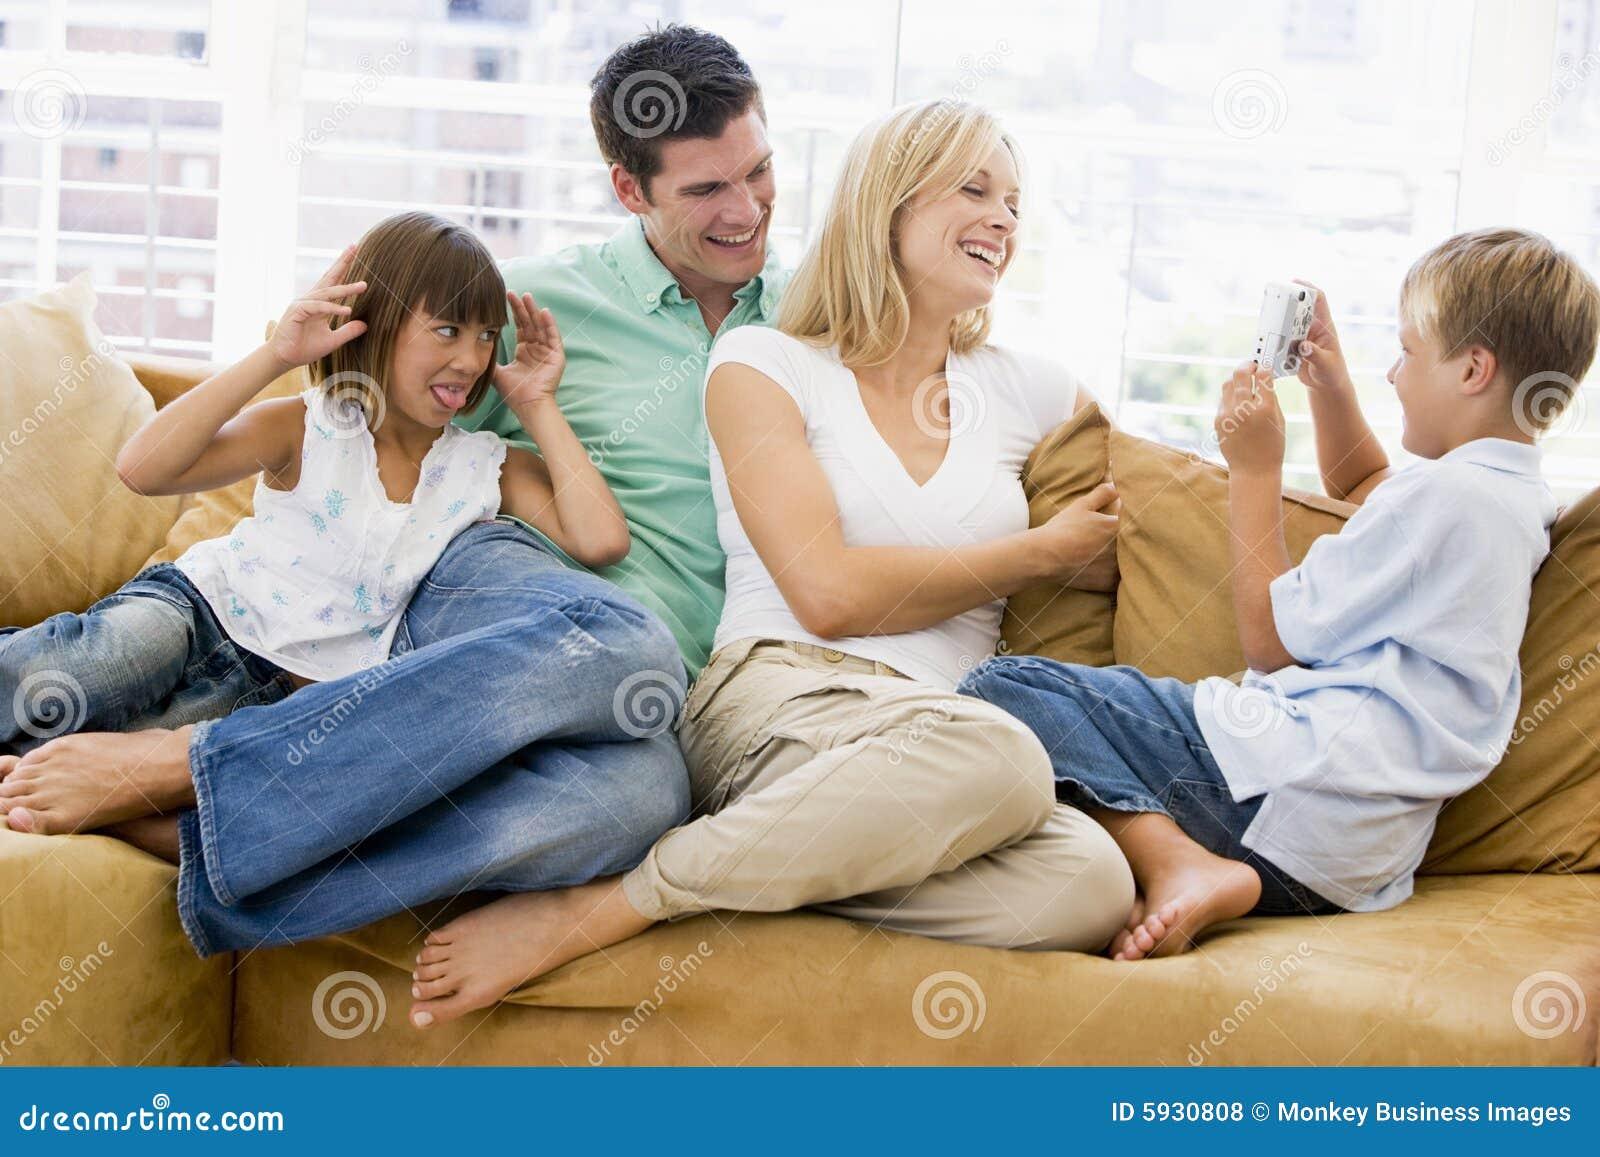 De zitting van de familie in woonkamer met digitale camera